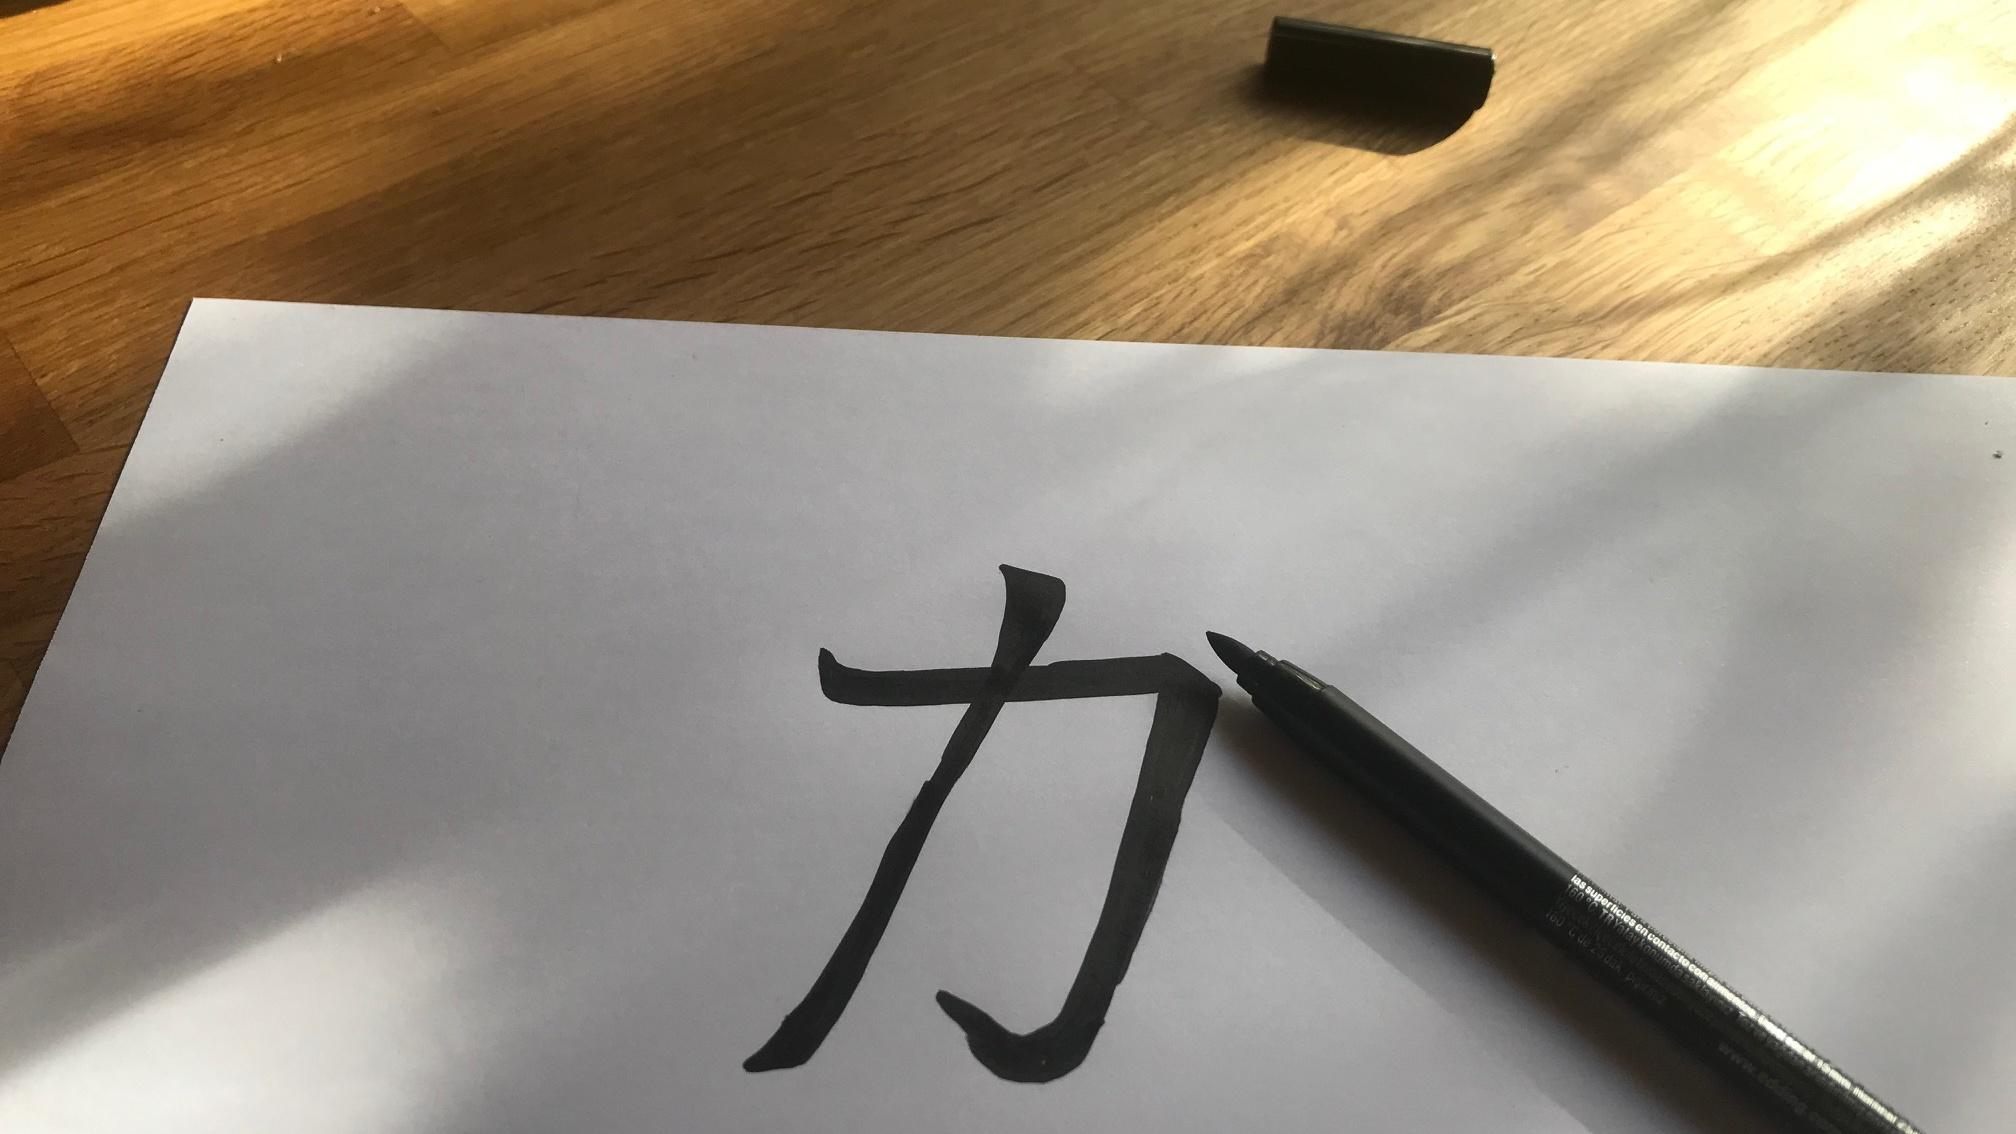 Das chinesische Symbol für Stärke ähnelt dem deutschen Buchstaben